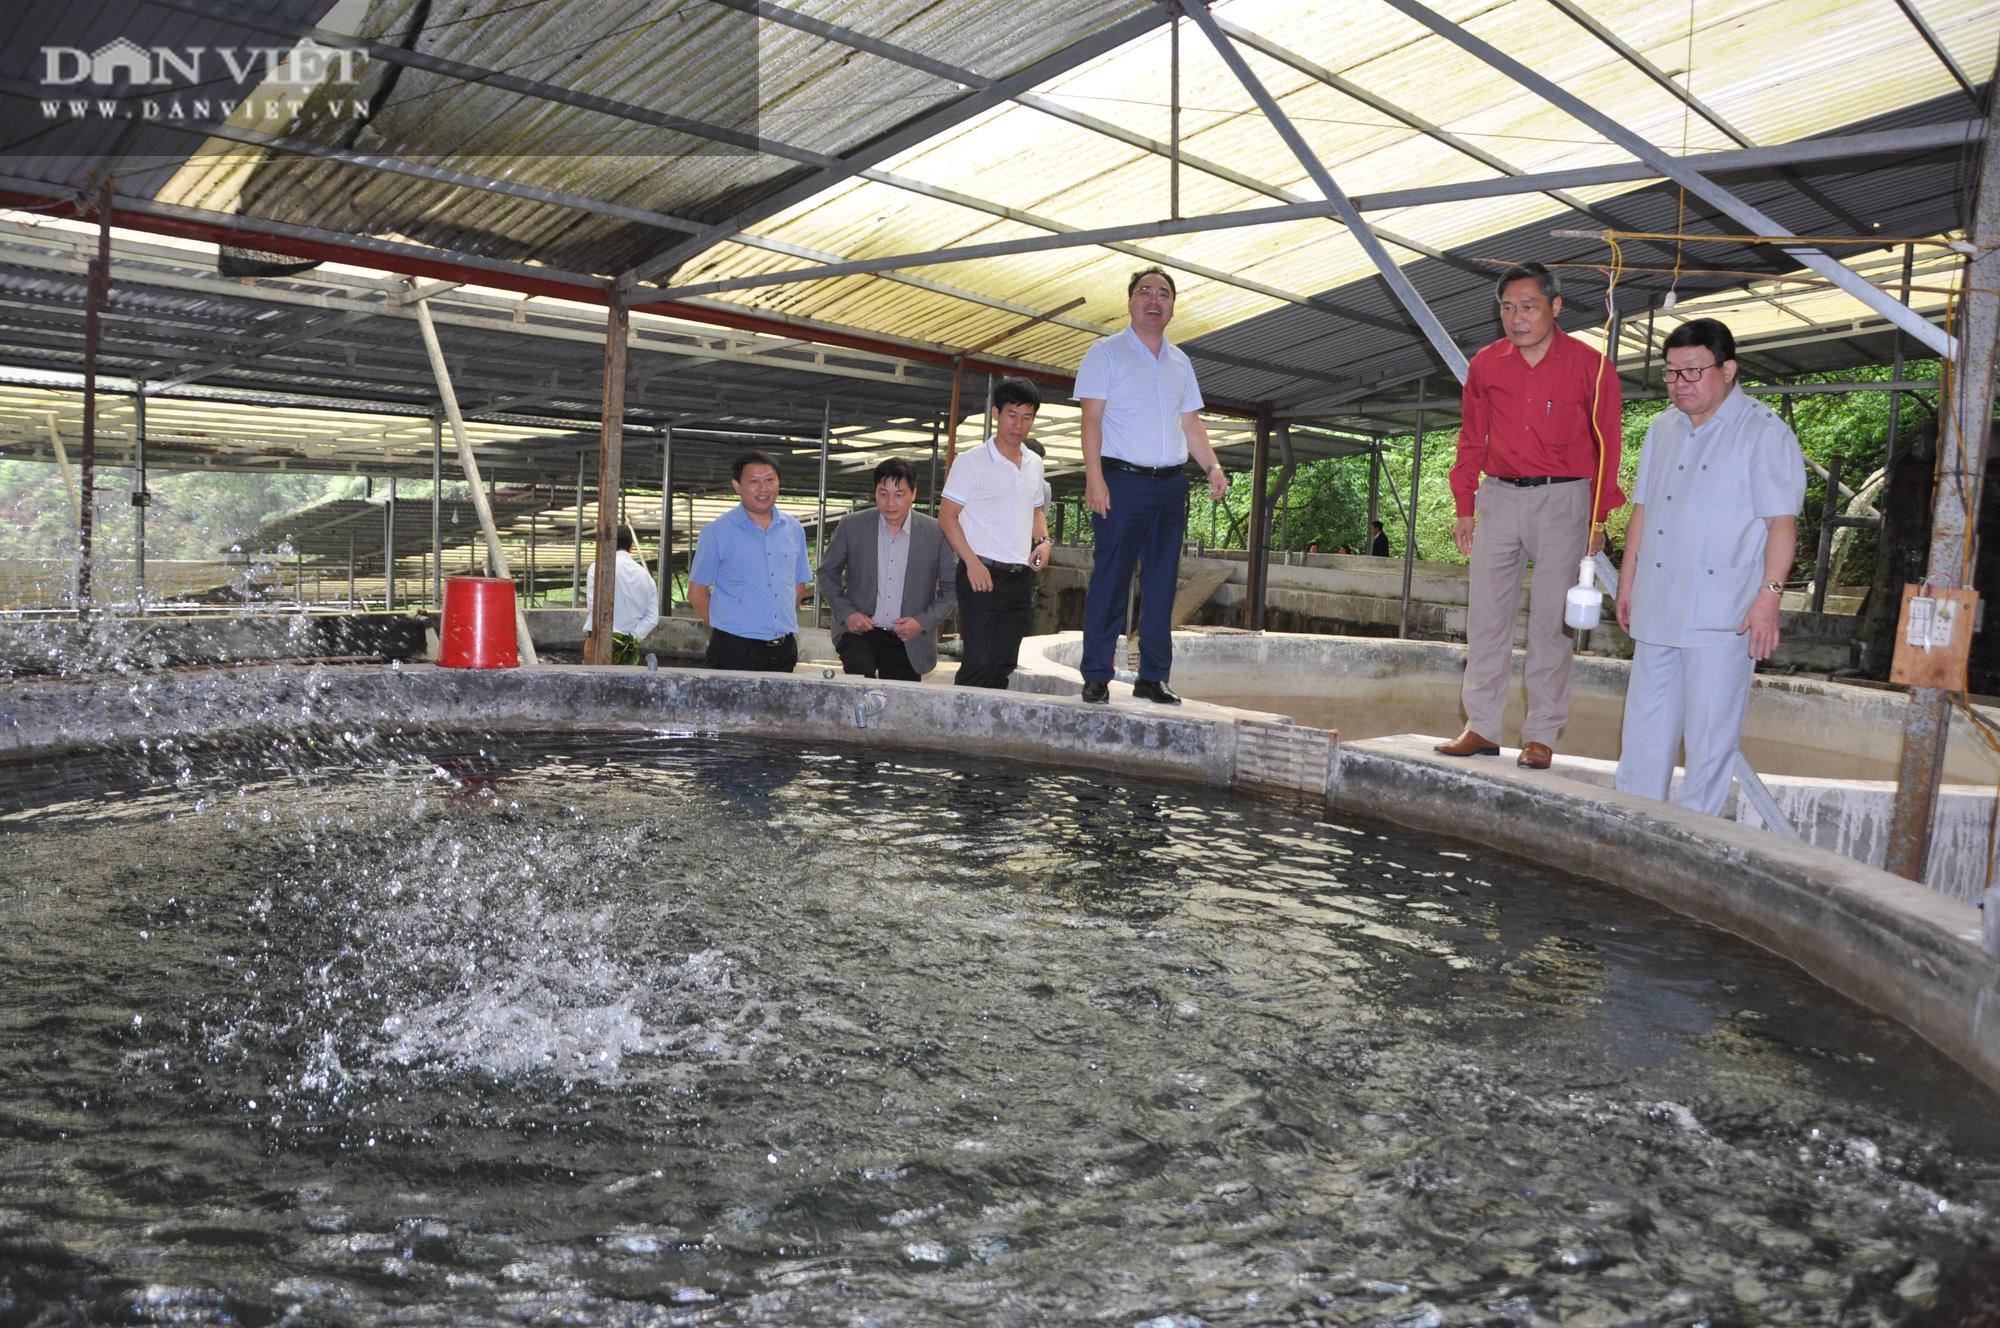 Đại trang trại cá đặc sản trên Cổng Trời mới được Chủ tịch Hội Nông dân Việt Nam có gì đặc biệt? - Ảnh 2.